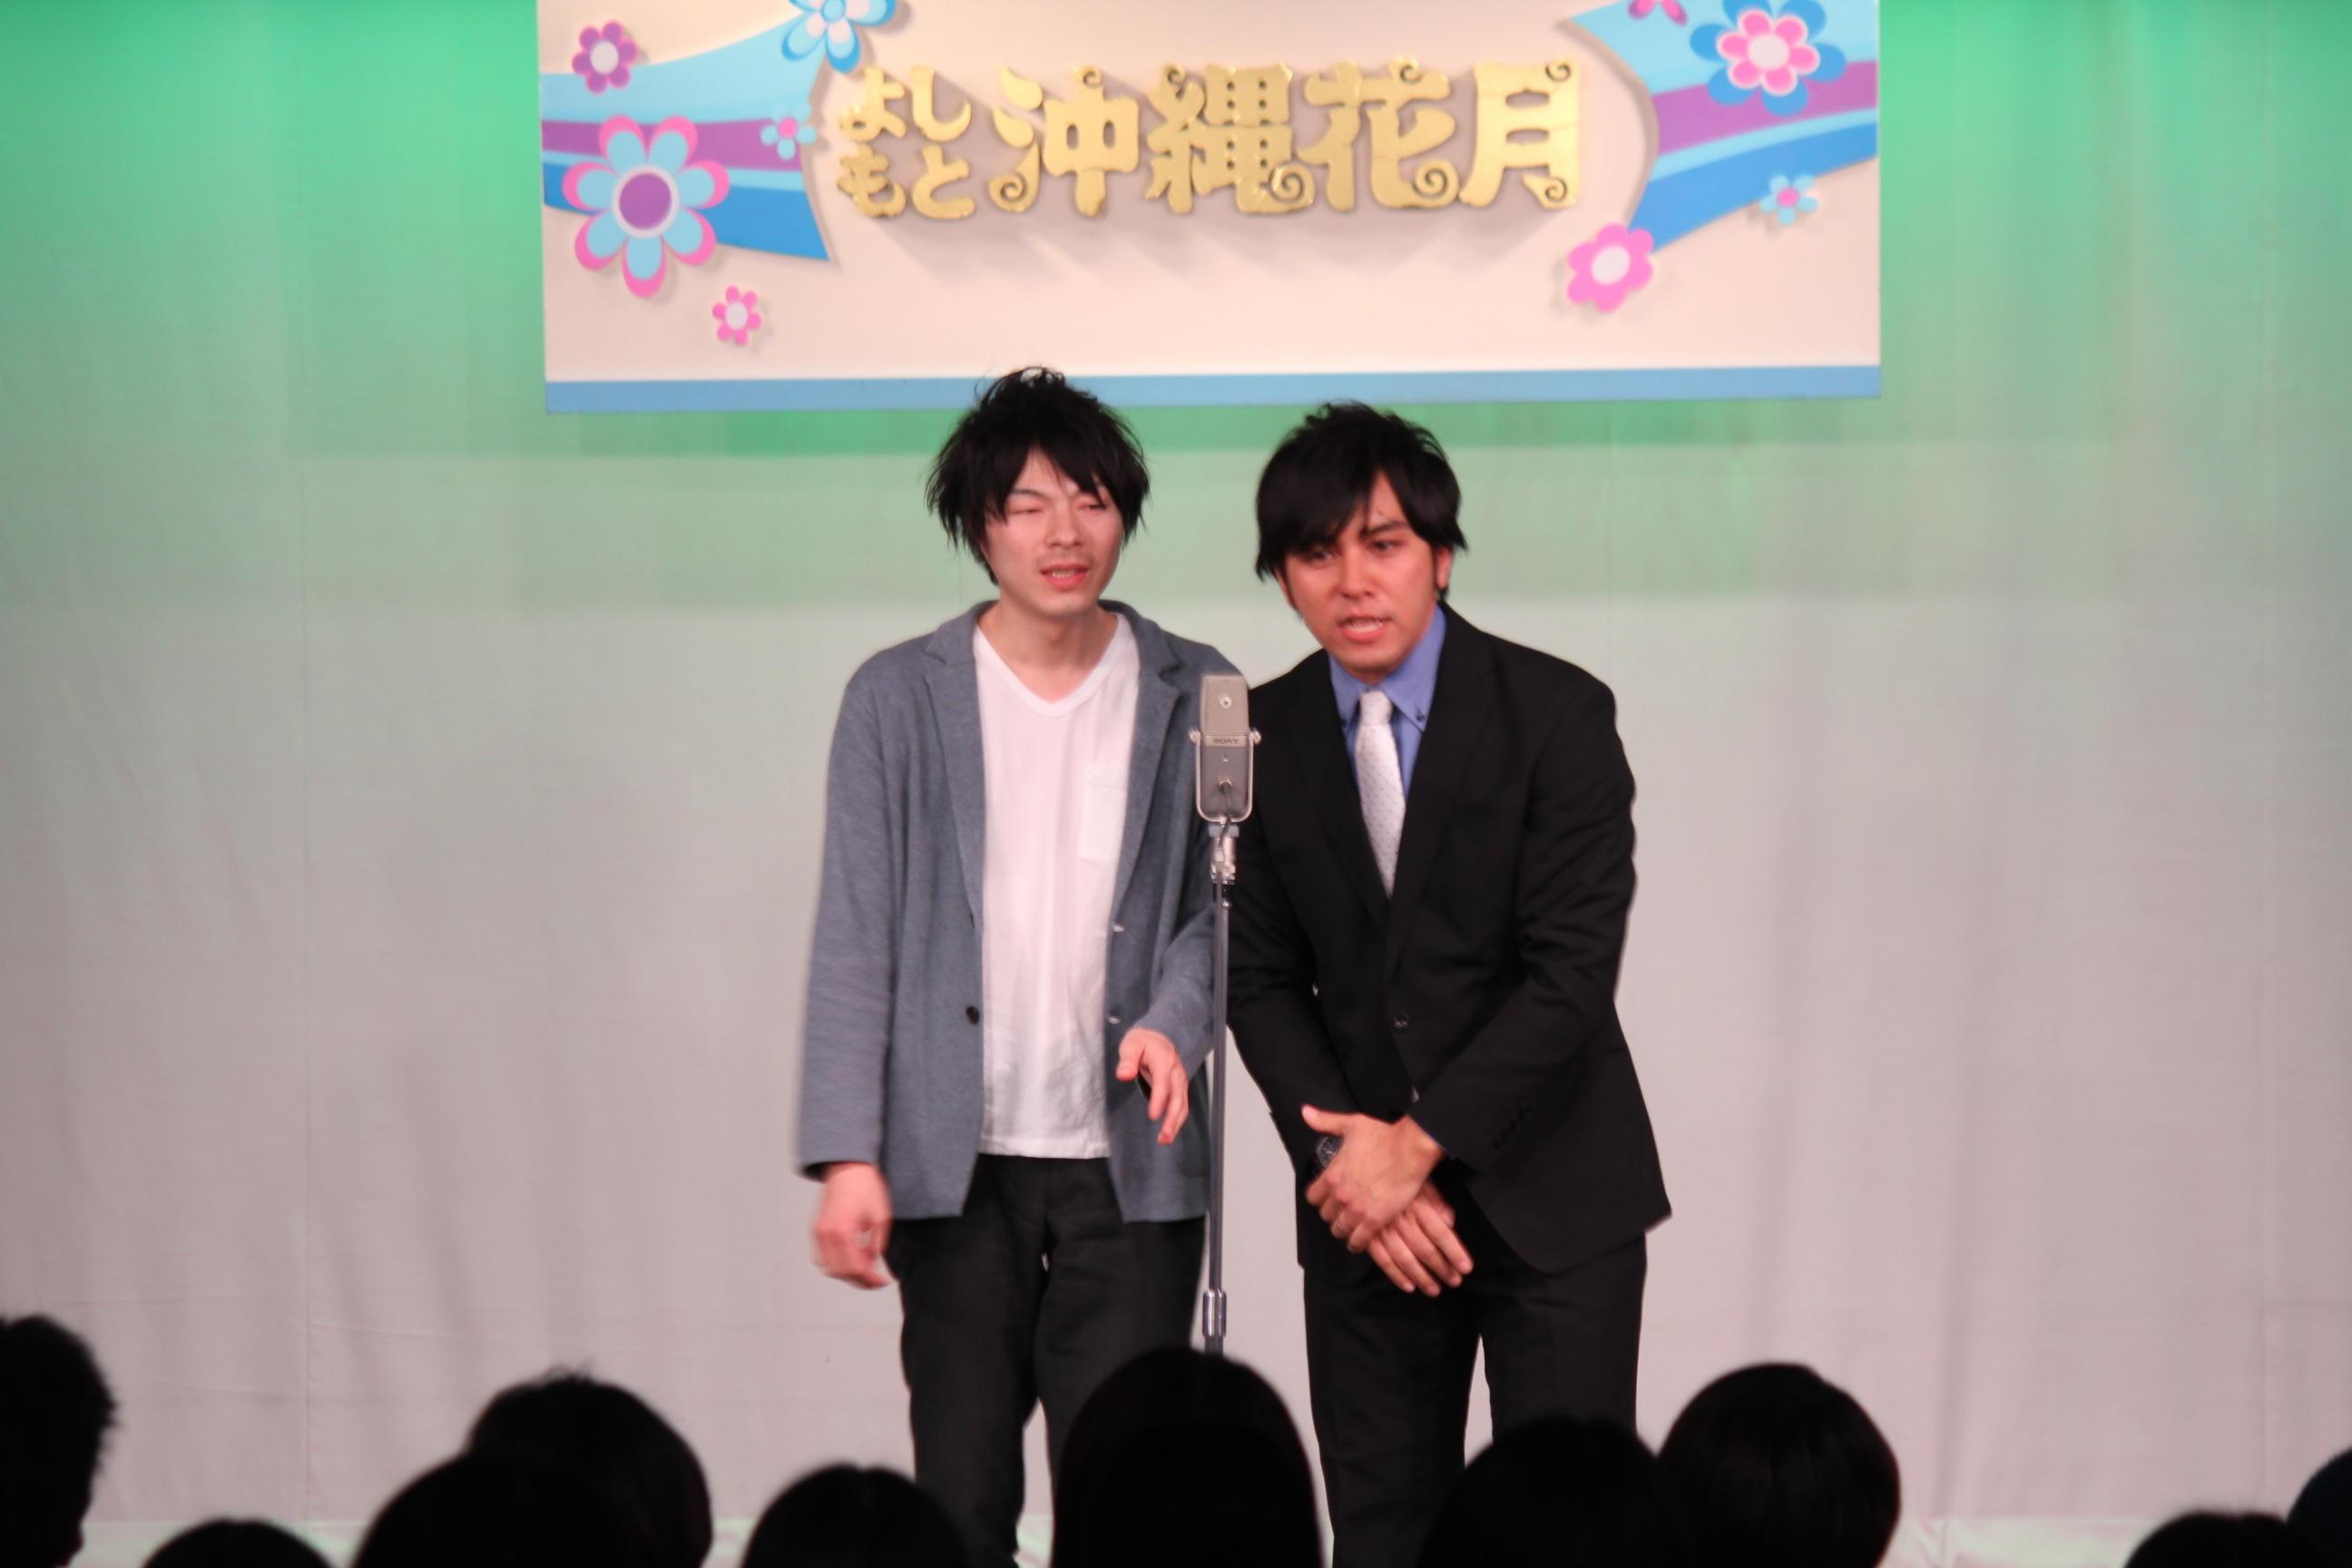 http://news.yoshimoto.co.jp/20160221173208-97bfd9bced46bf77b4649ddd0b0135fe80756e38.jpg